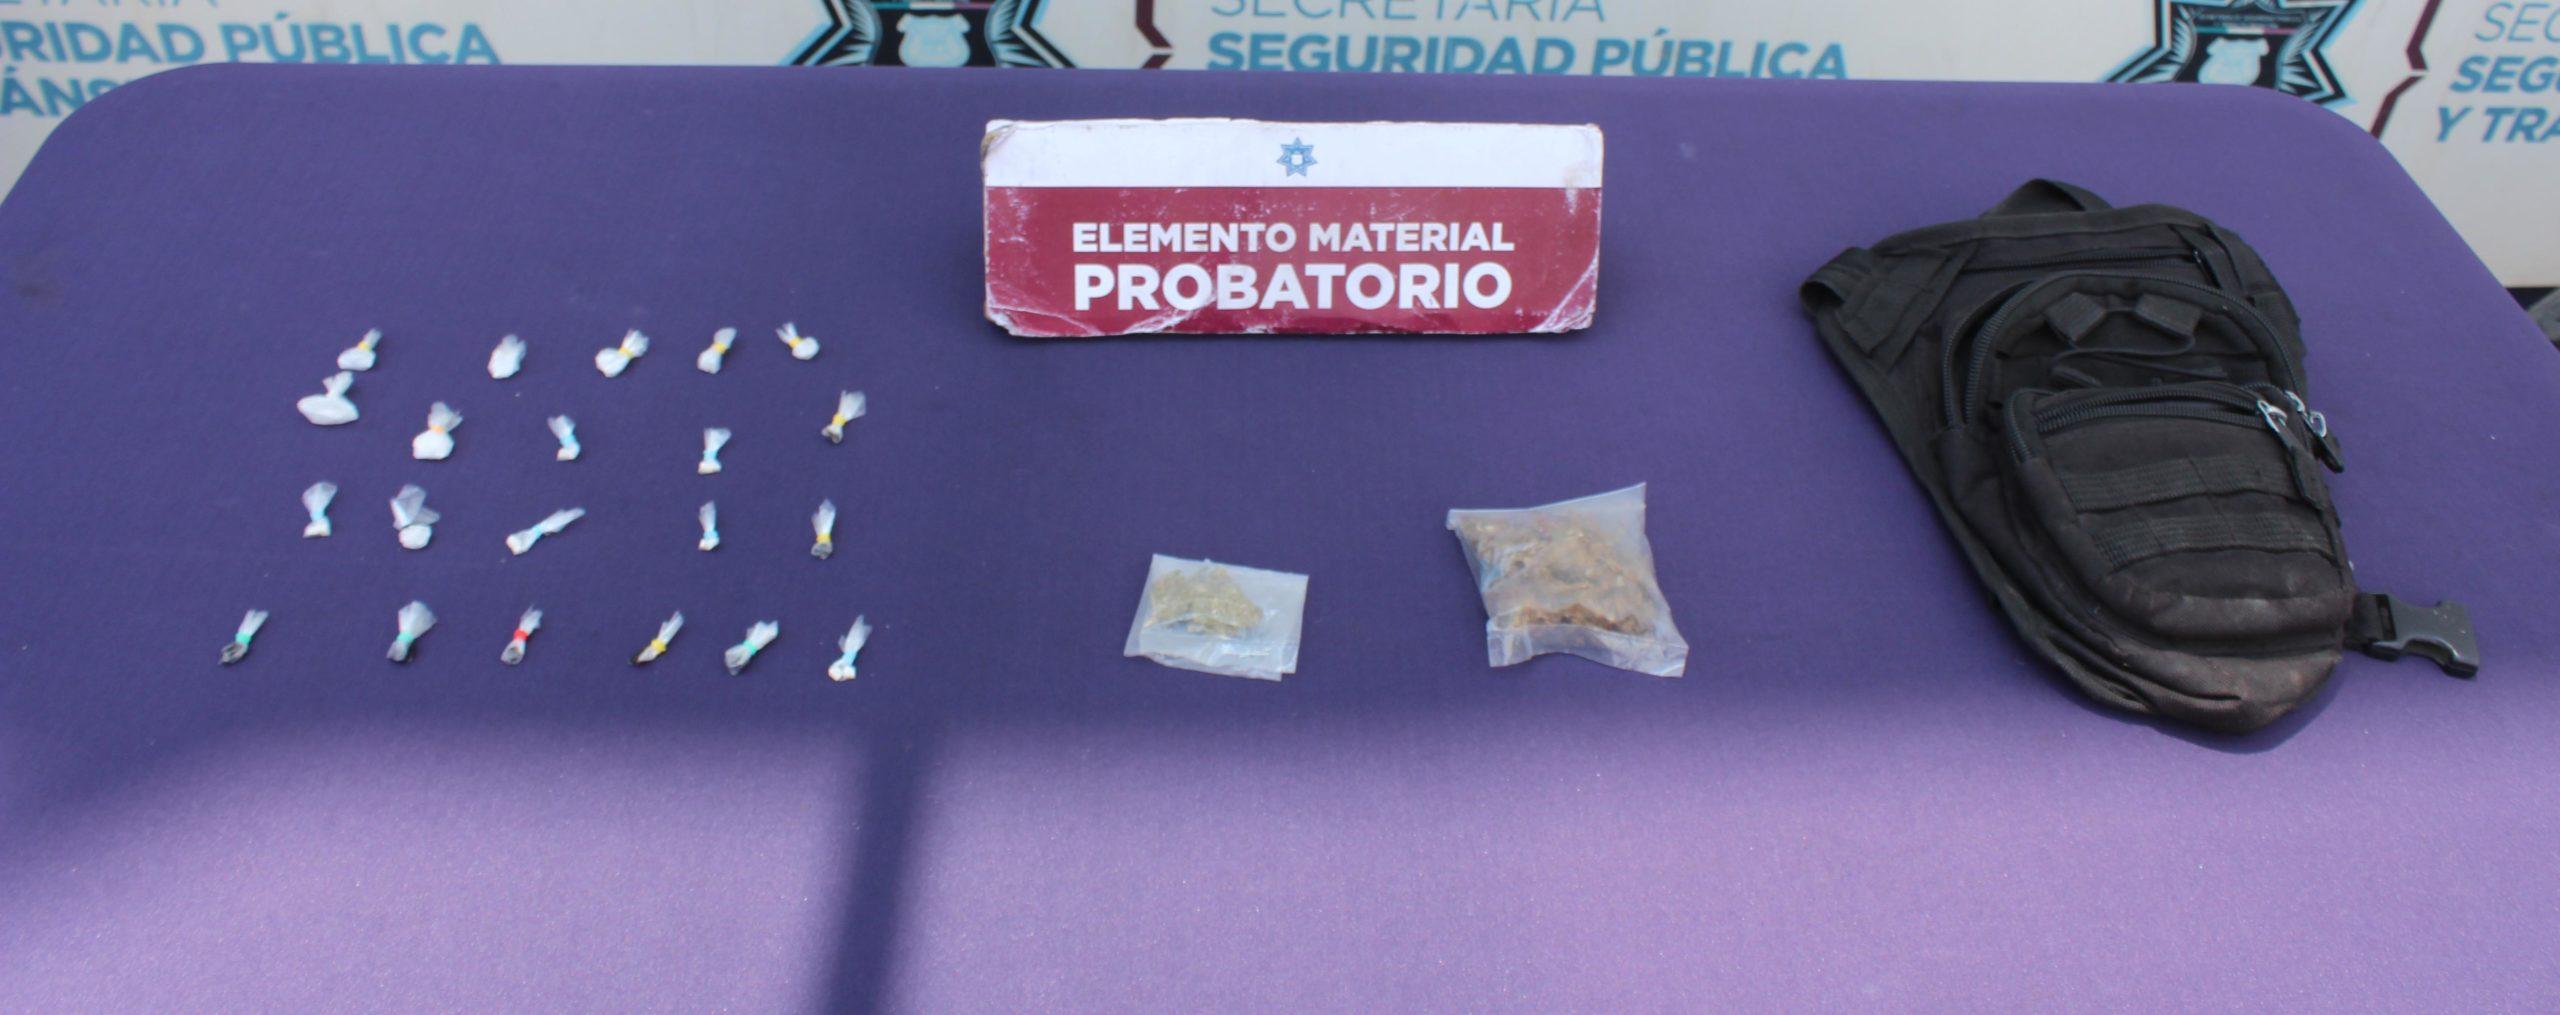 ASEGURÓ SSC DE PUEBLA ALREDEDOR DE 20 DOSIS DE POSIBLE DROGA; HAY UN MENOR DE EDAD DETENIDO